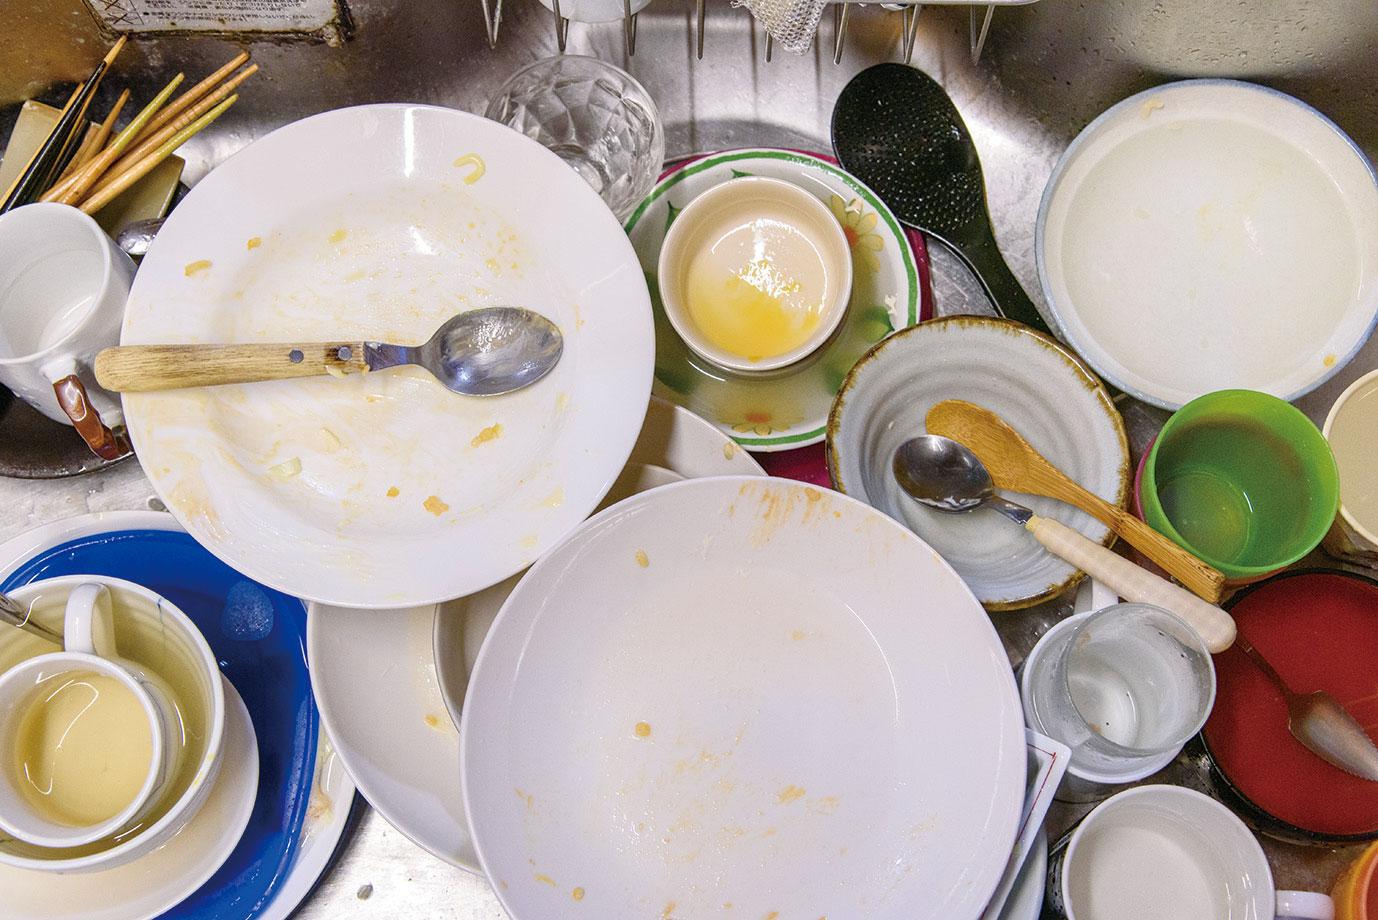 食洗機で洗う前の予洗いや、置いている間の菌の増殖防止にも最適。